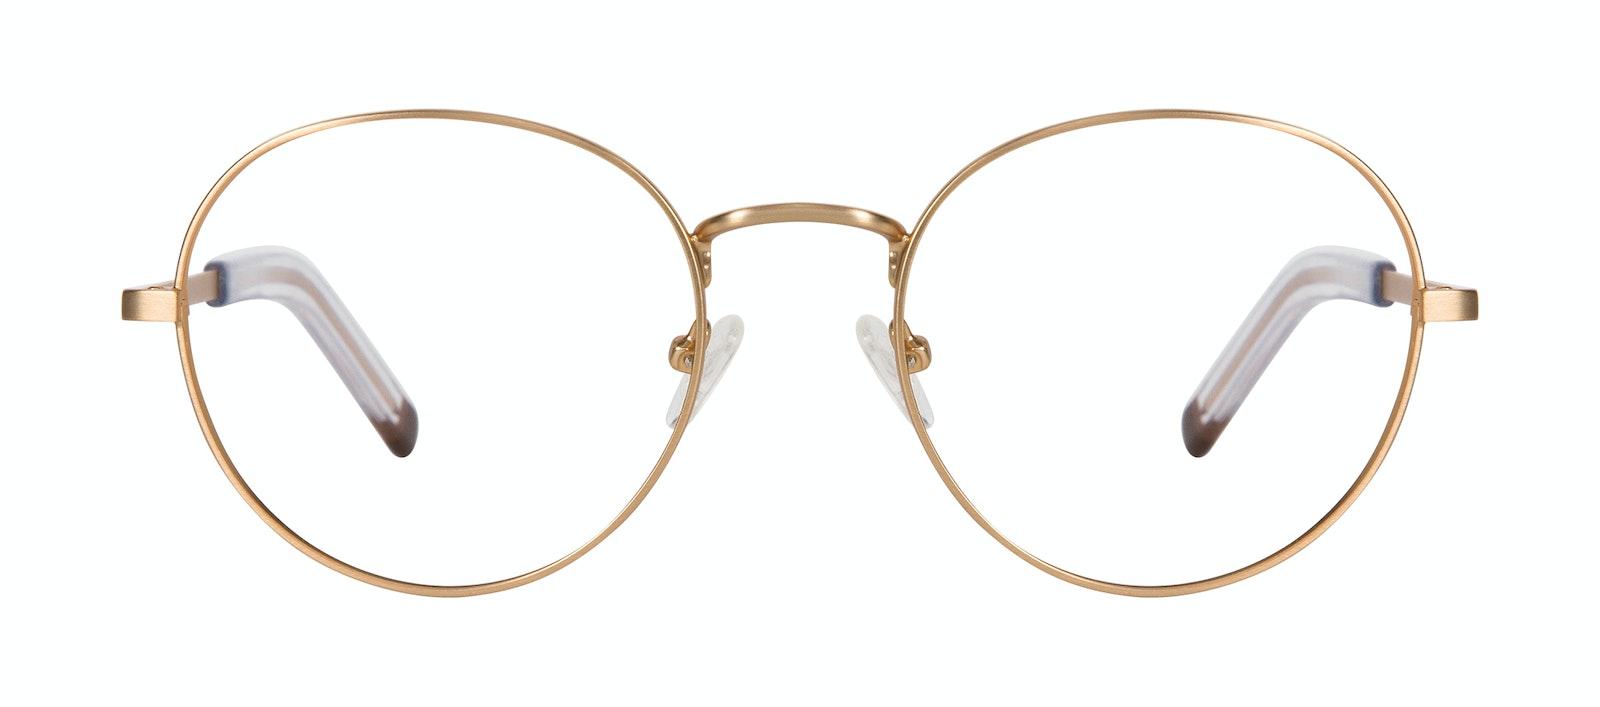 Lunettes tendance Ronde Lunettes de vue Hommes Lean L Gold Matte Face